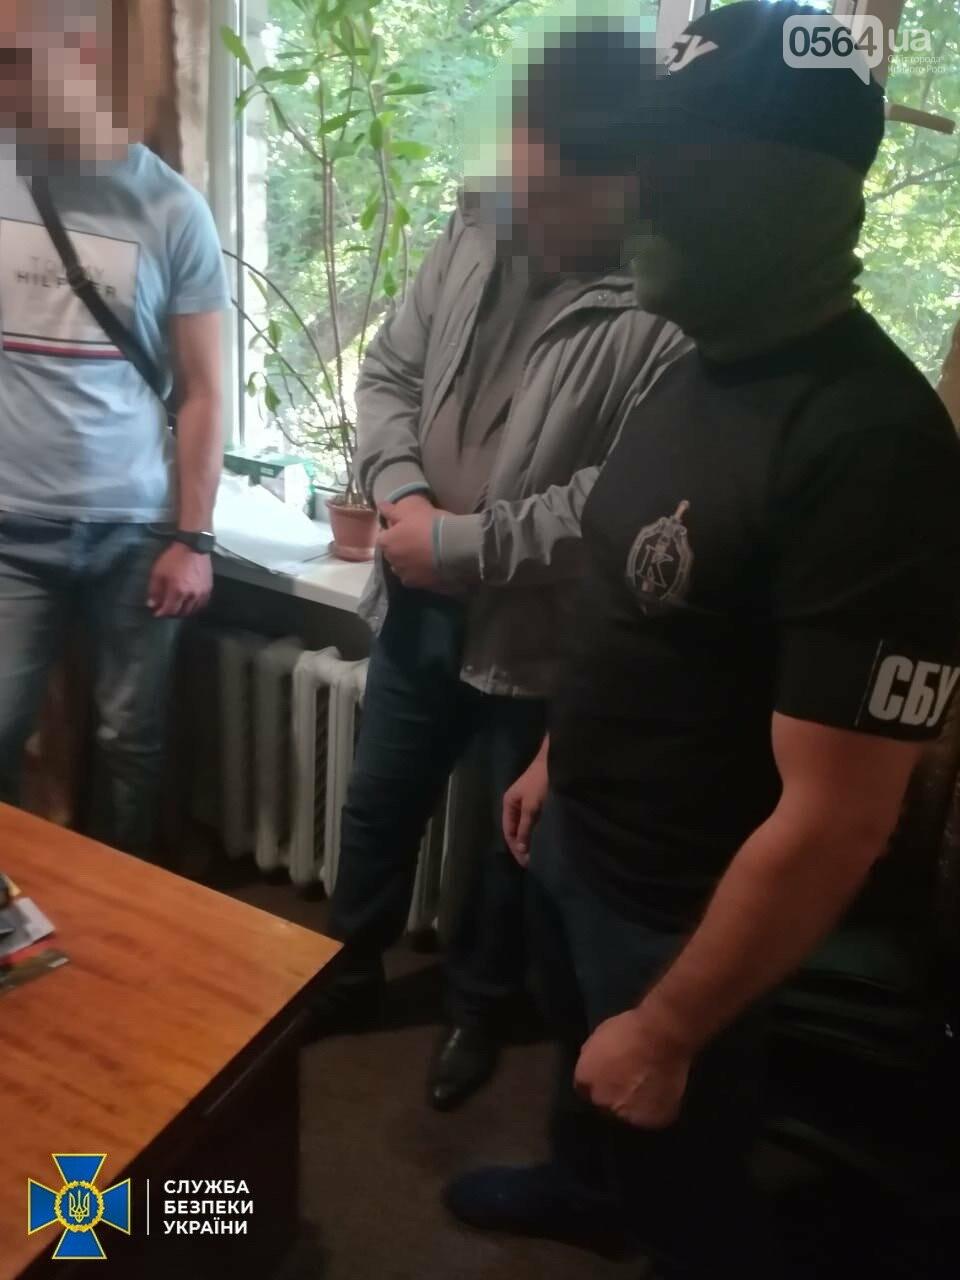 На Днепропетровщине прокурора хотели задержать на взятке, а он выбросил деньги в окно, - ФОТО, ВИДЕО, фото-2